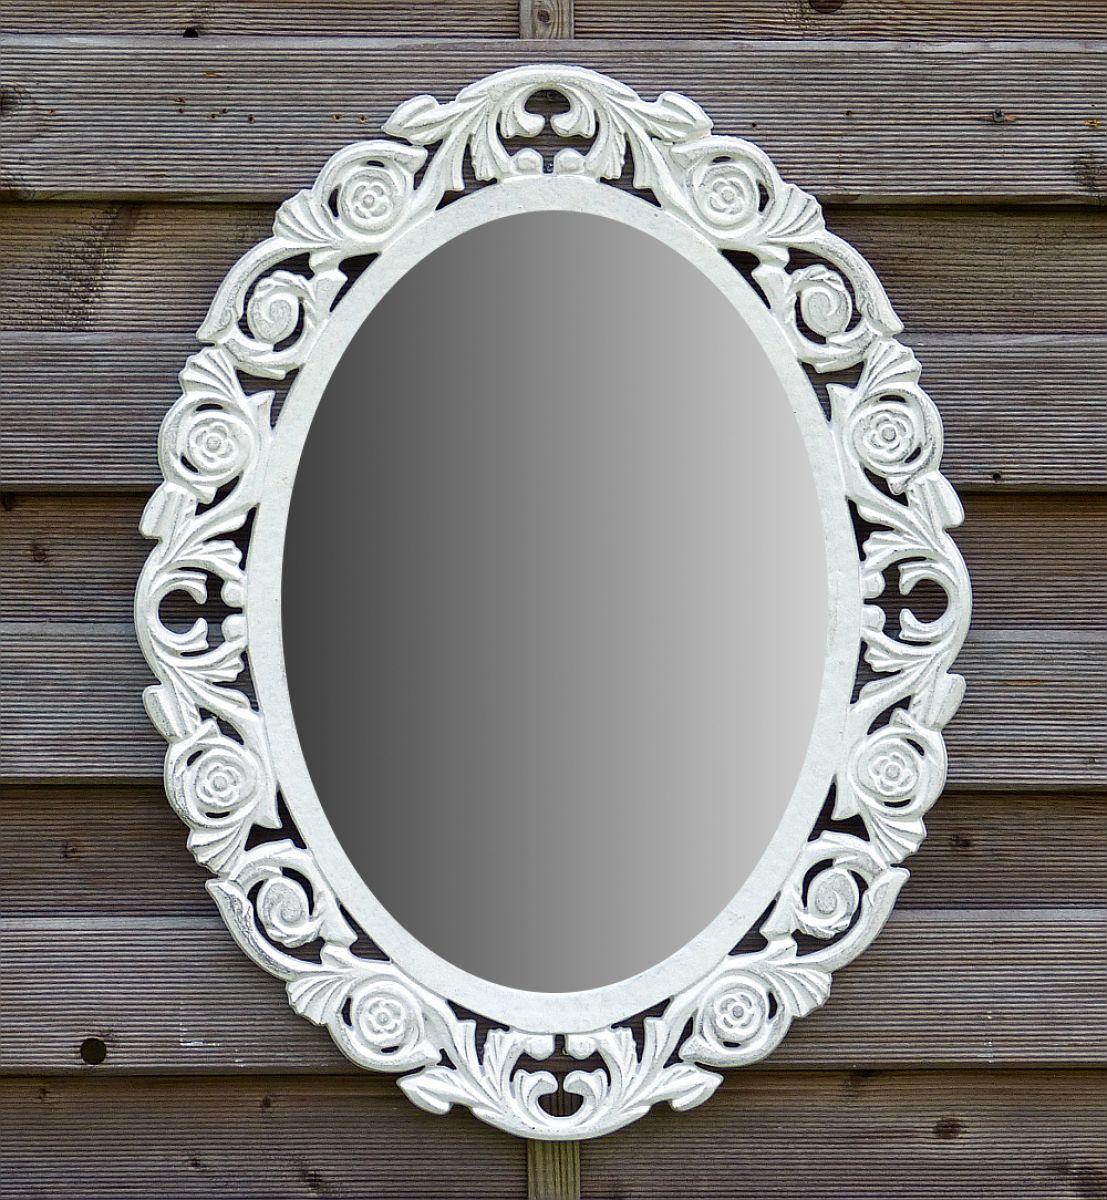 B-Ware Wandspiegel Spiegel Badspiegel Holz Oval Landhaus ...